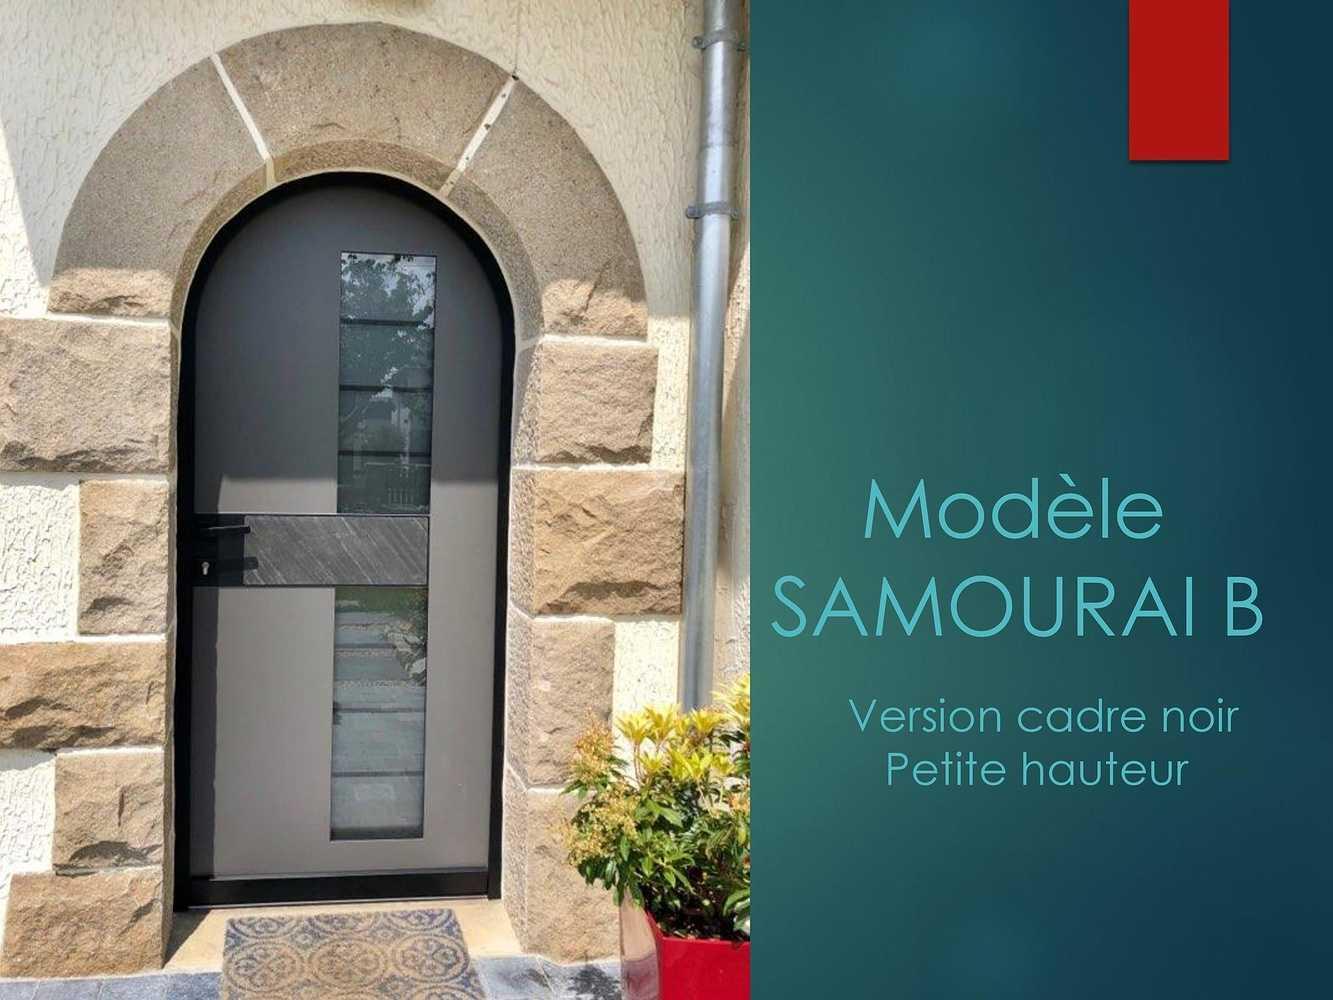 Porte d''entrée - Modèle Samouraï B 0